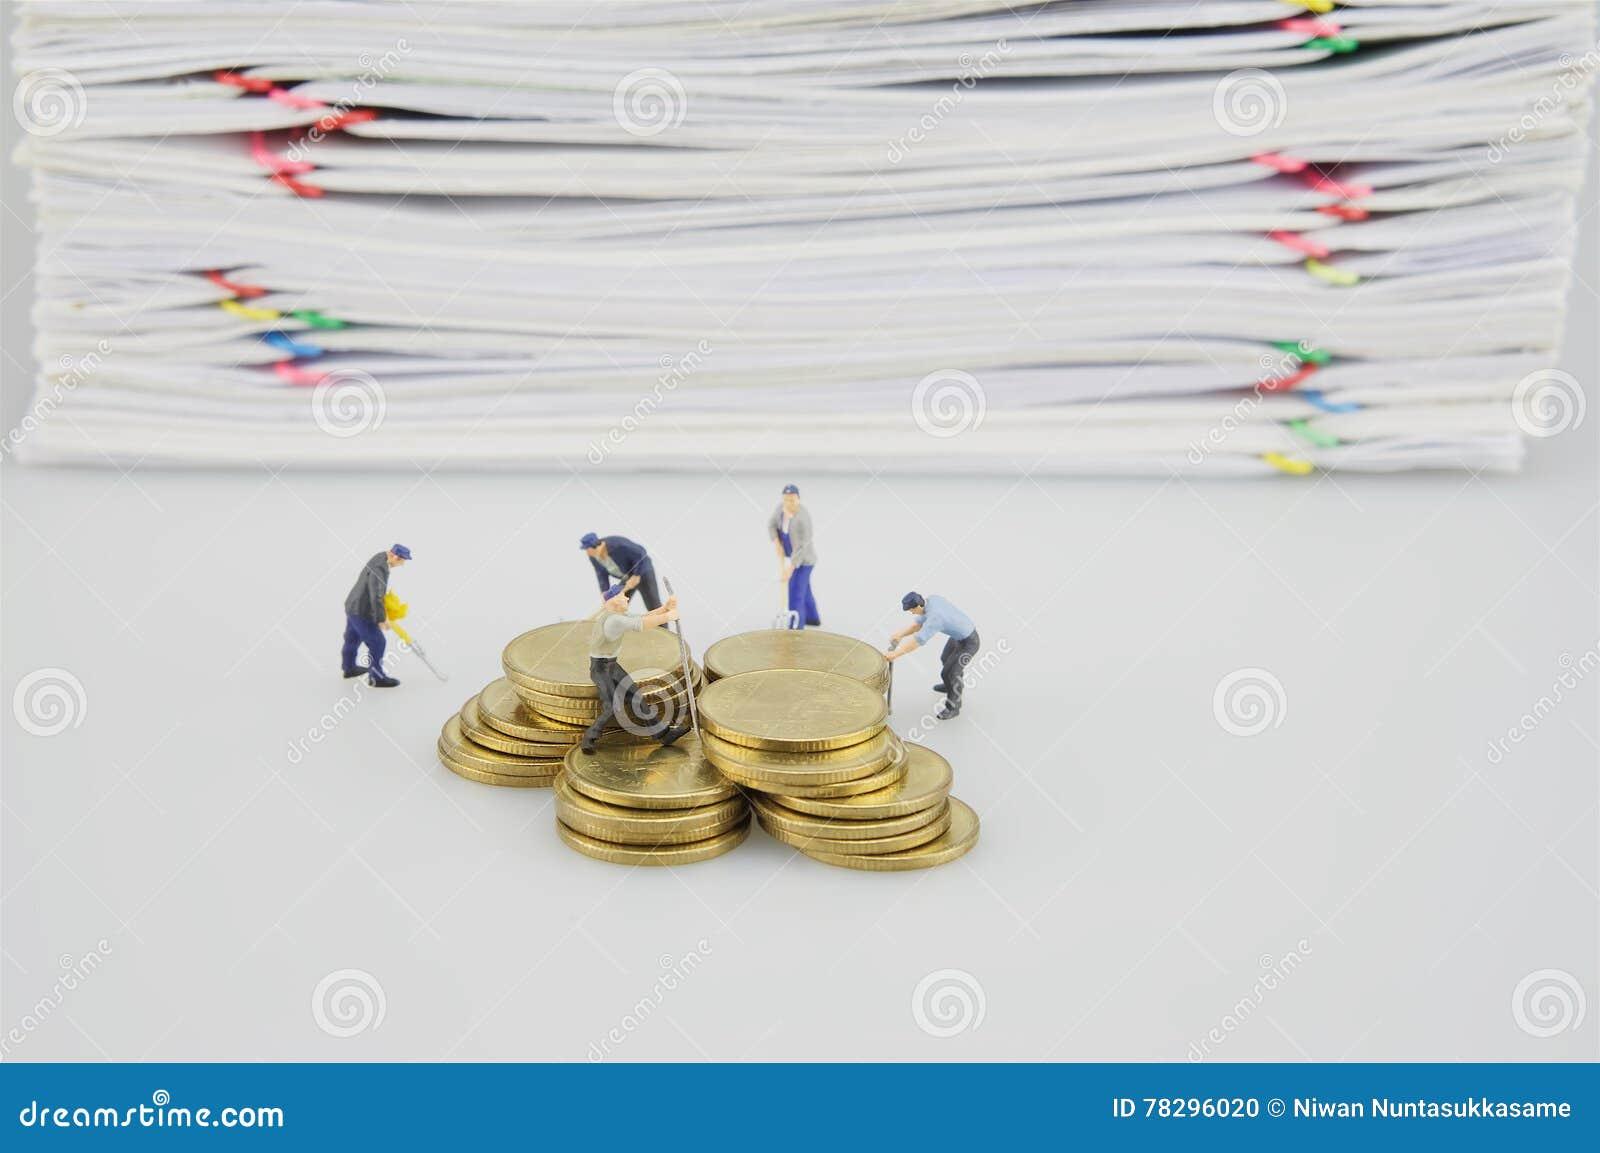 Häufen Sie Dokument und Goldmünzen mit Miniaturleuten an